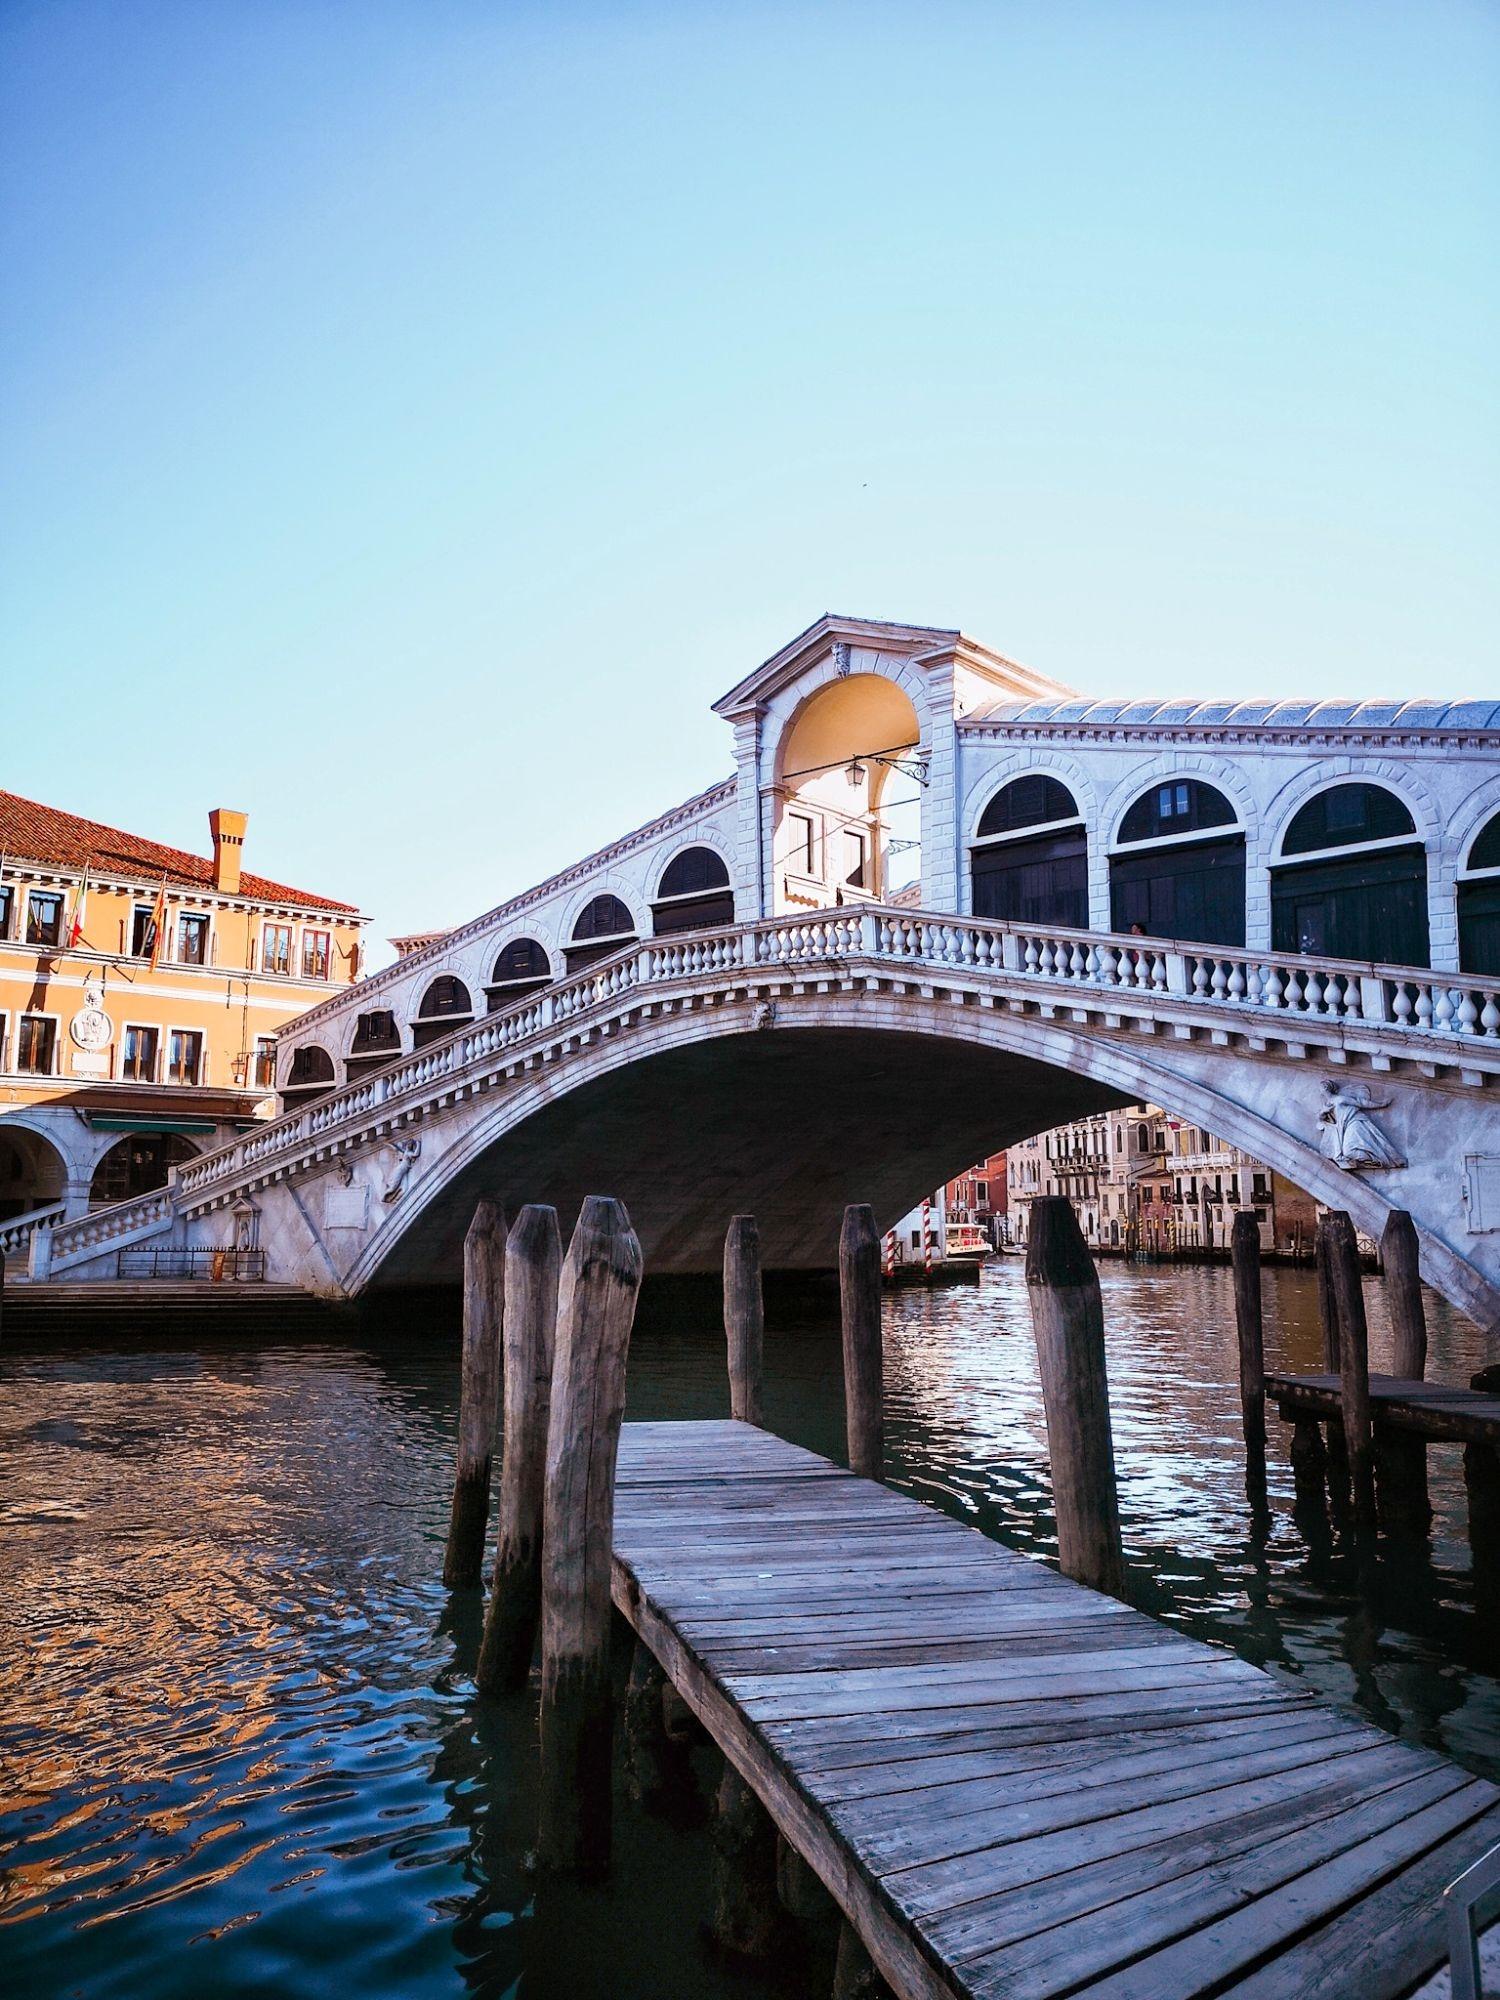 Cosa vedere a Venezia in meno di 24h